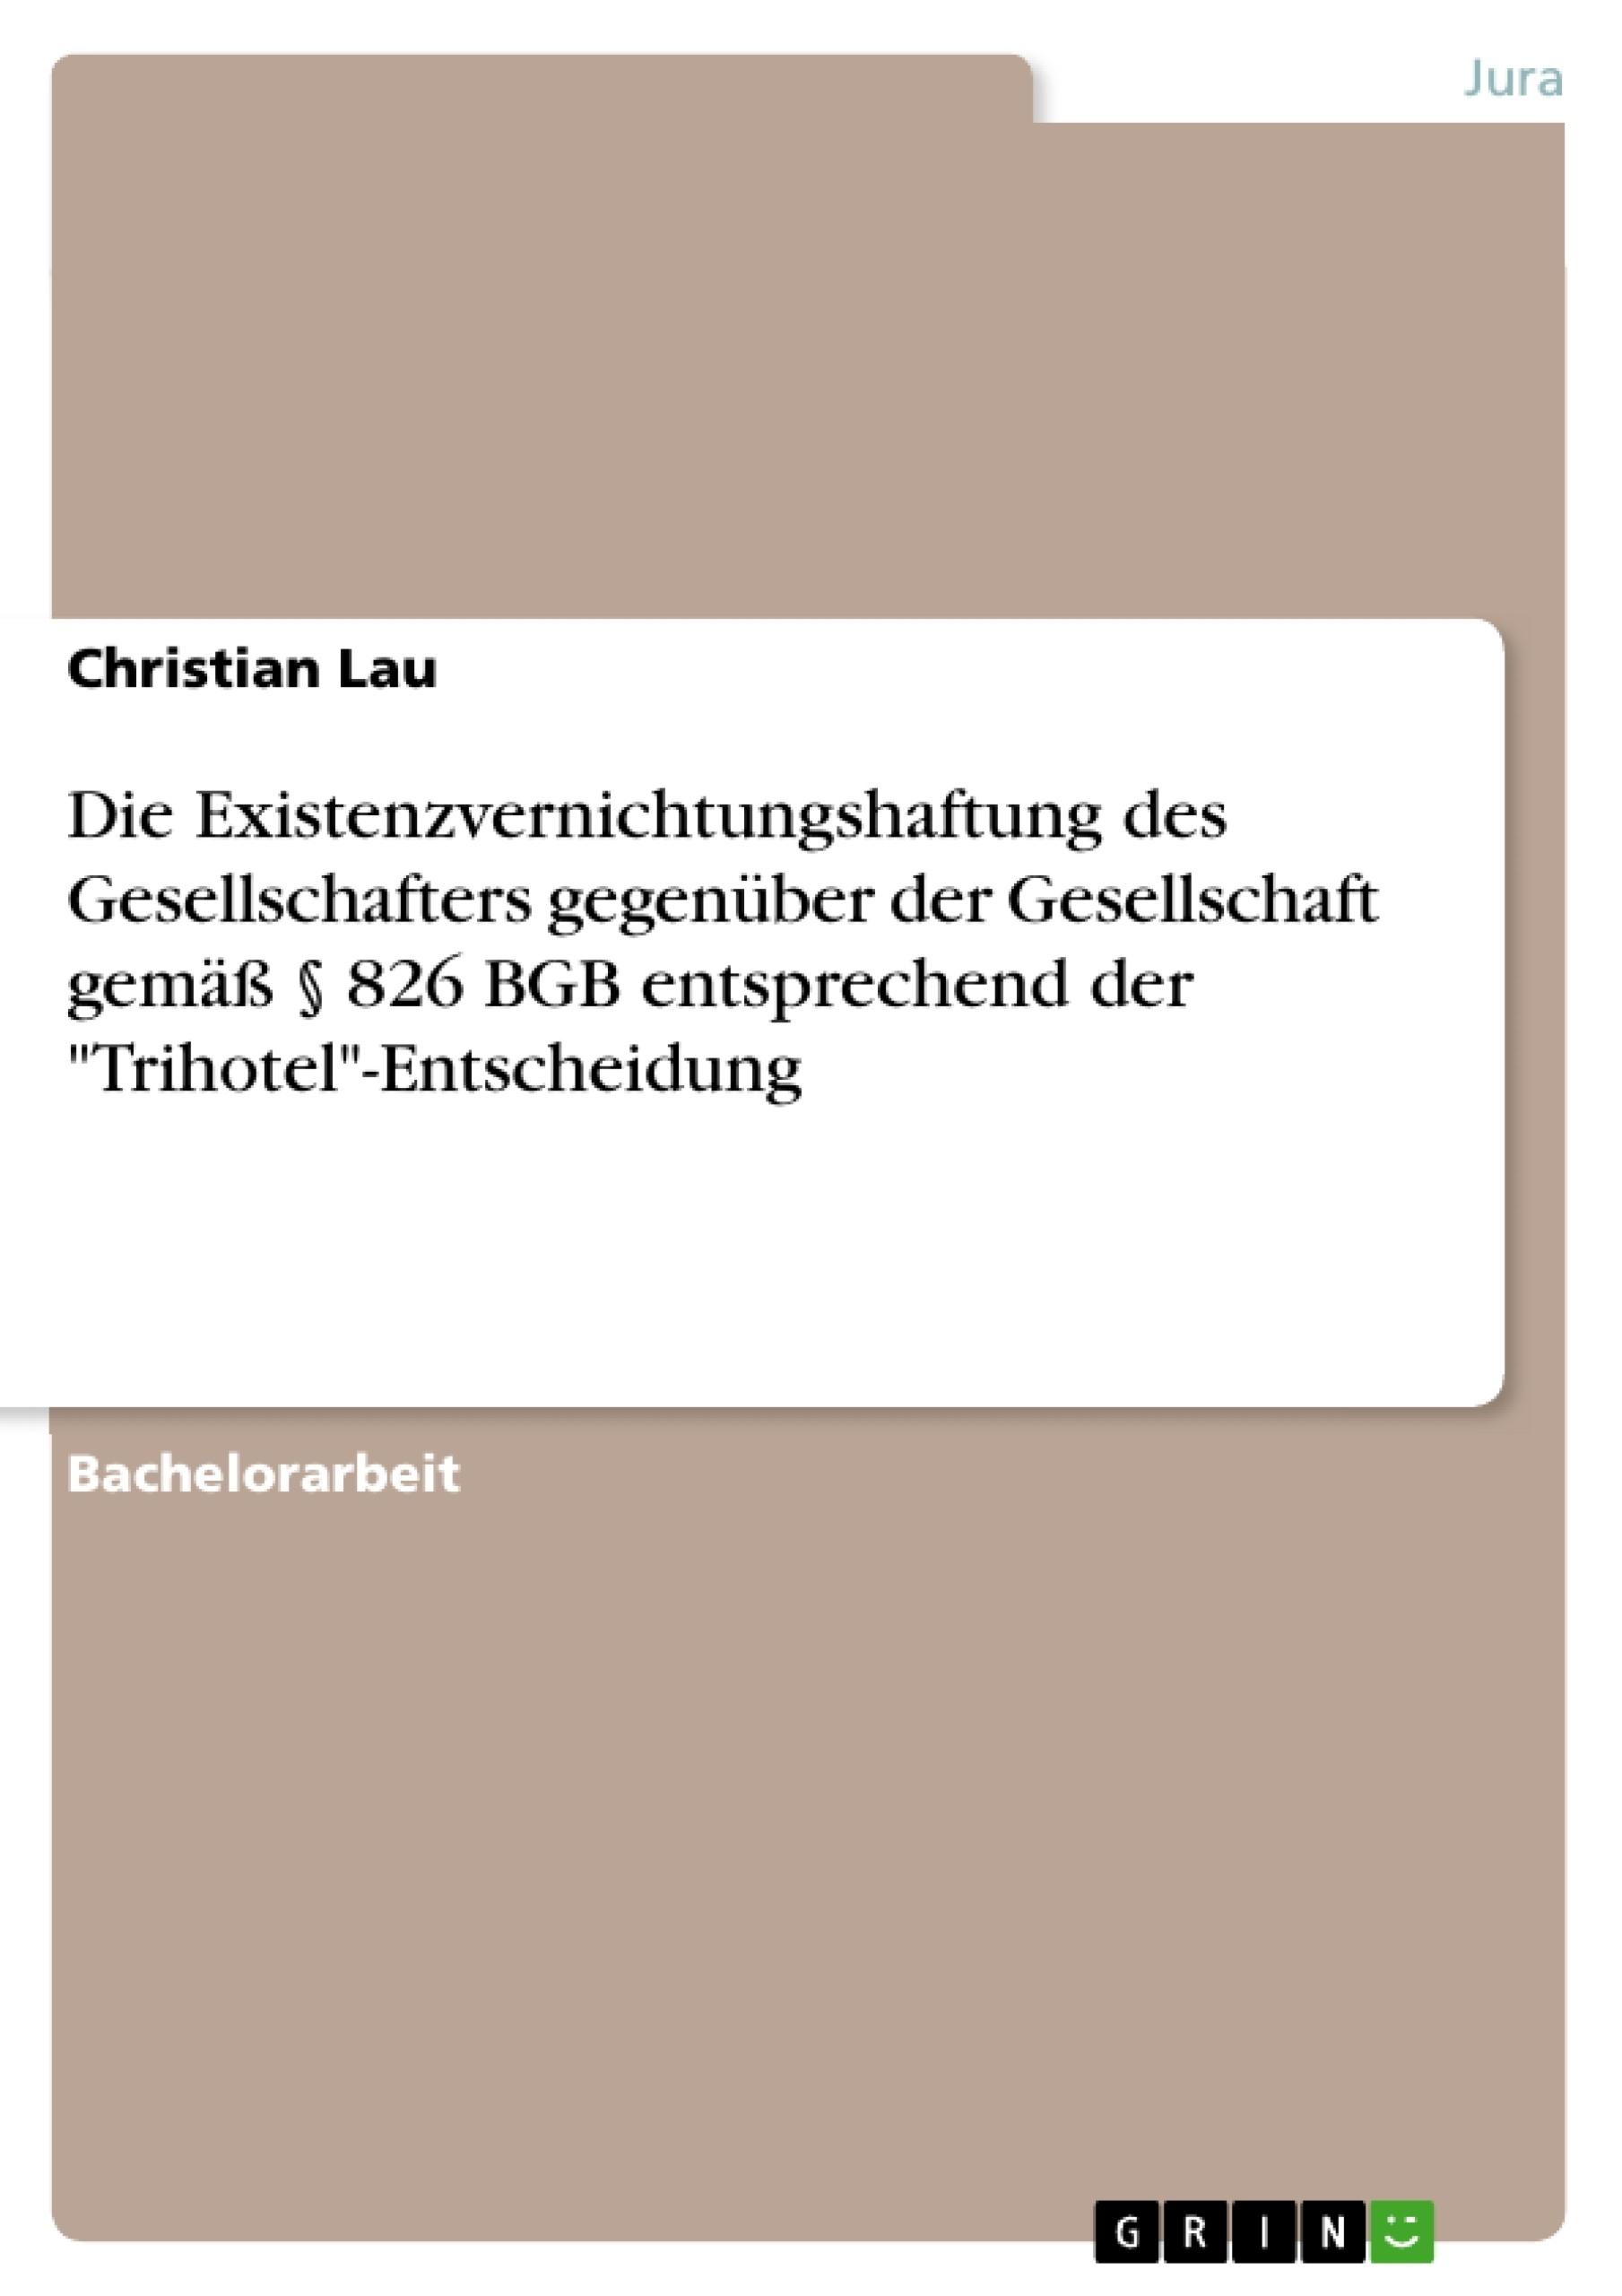 """Titel: Die Existenzvernichtungshaftung des Gesellschafters gegenüber der Gesellschaft  gemäß § 826 BGB entsprechend der """"Trihotel""""-Entscheidung"""